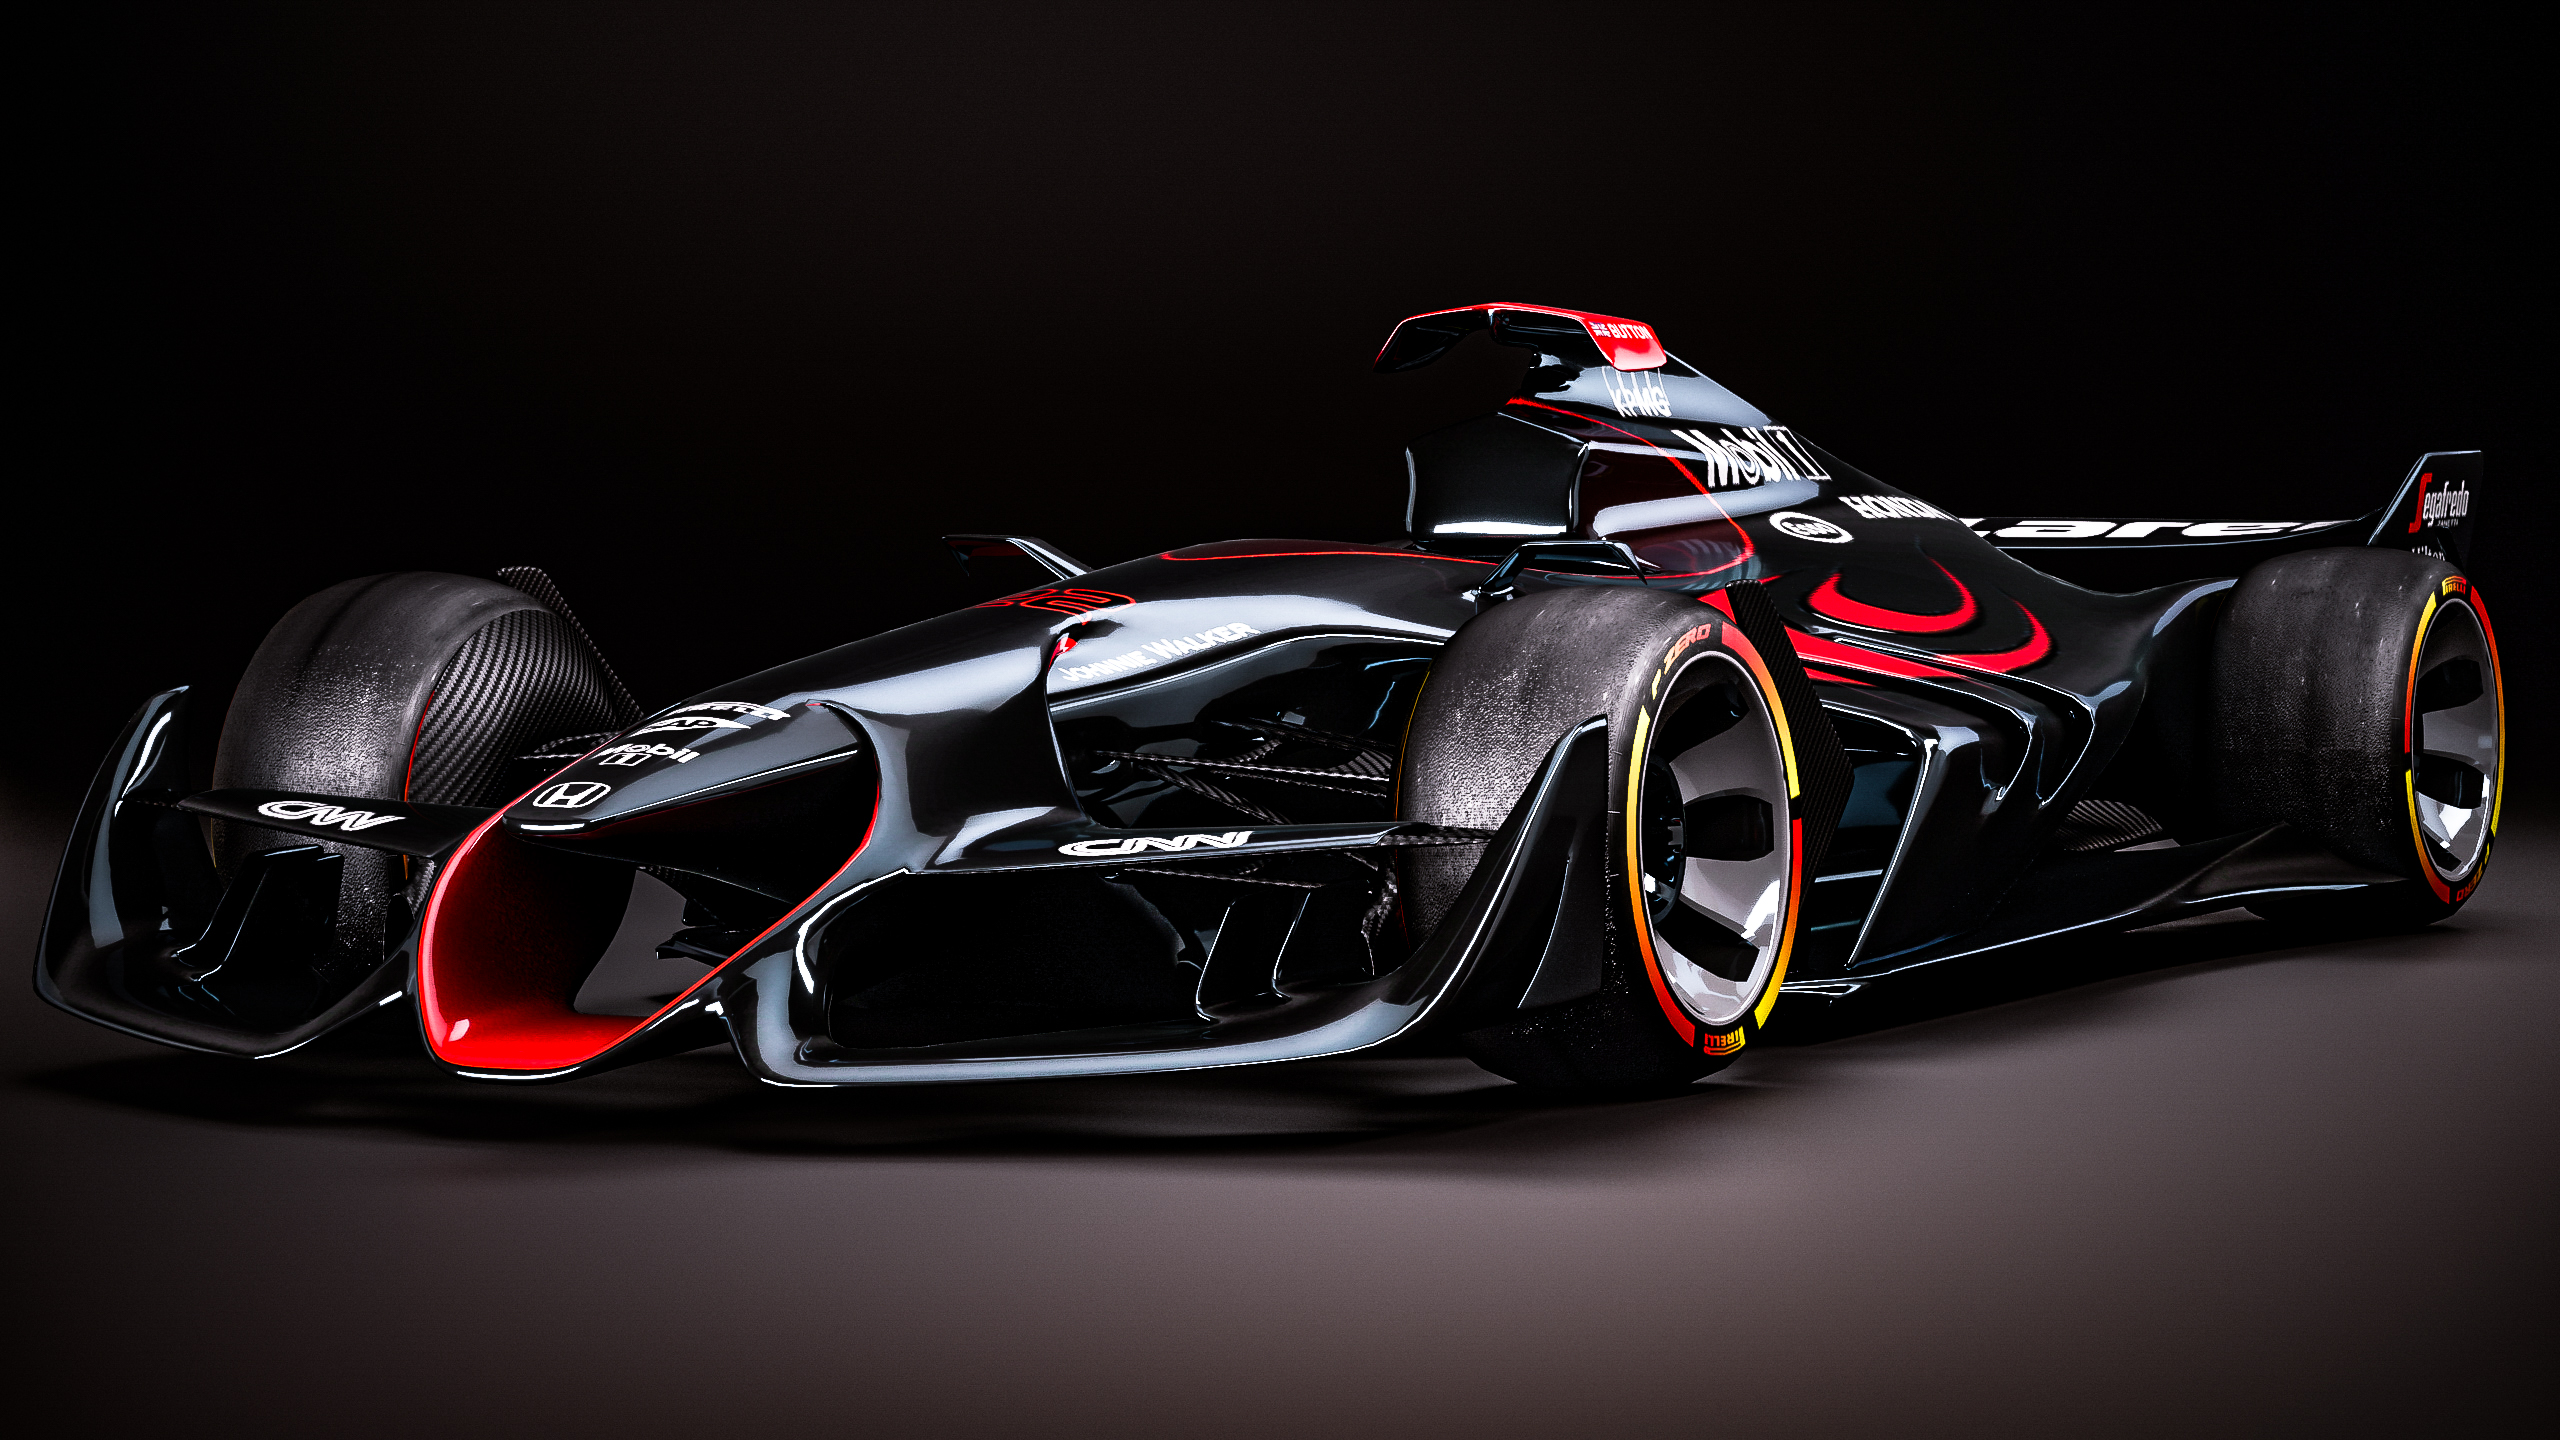 New Mod Ferrari F1 CONCEPT  Spa Francorchamps  Assetto Corsa